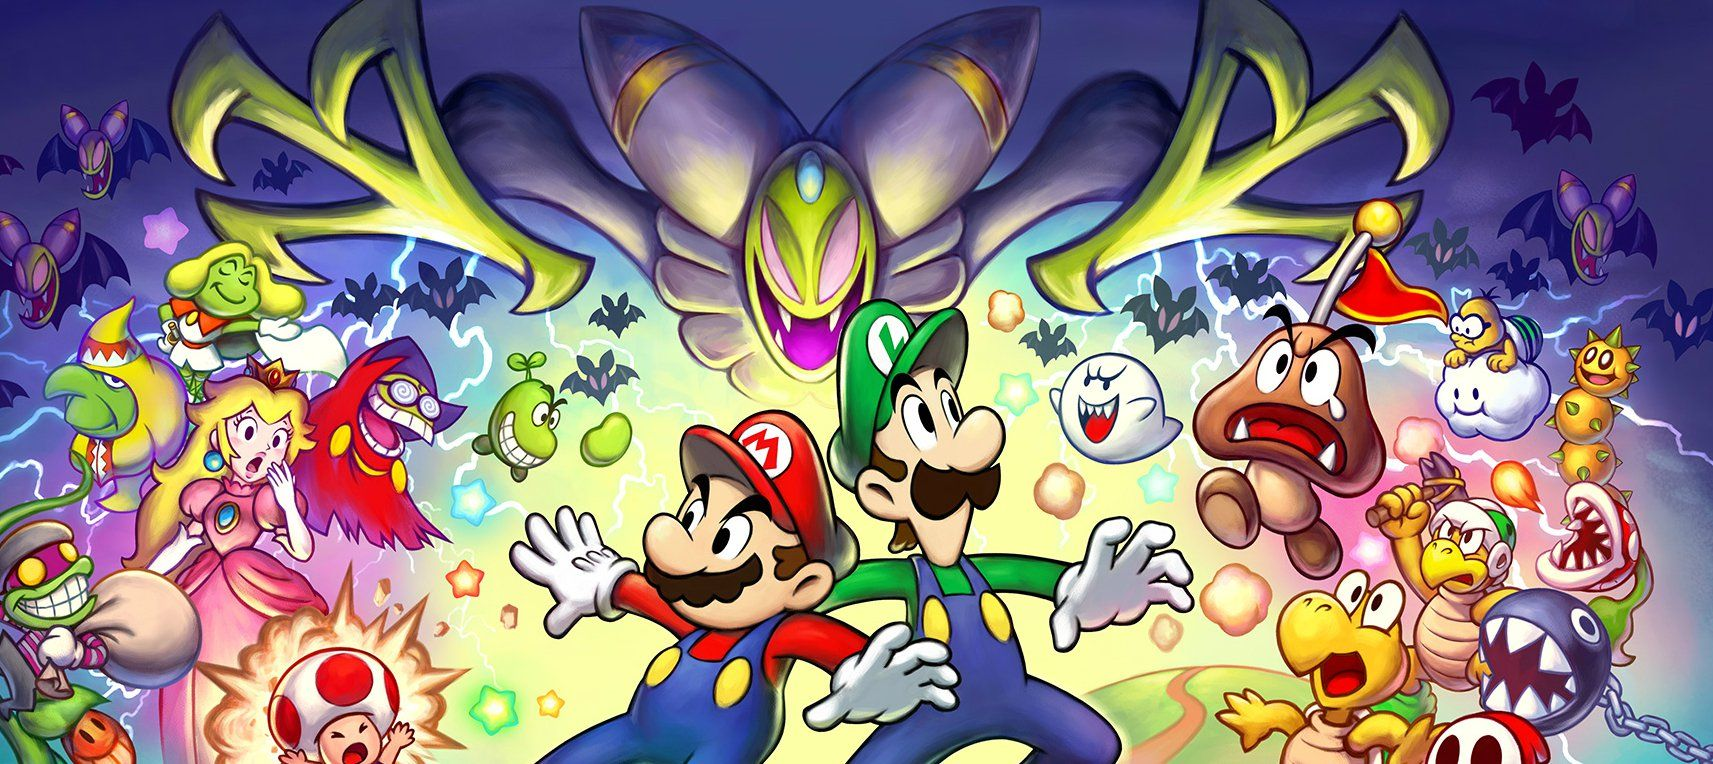 Review Mario Luigi Superstar Saga Bowser S Minions Mario